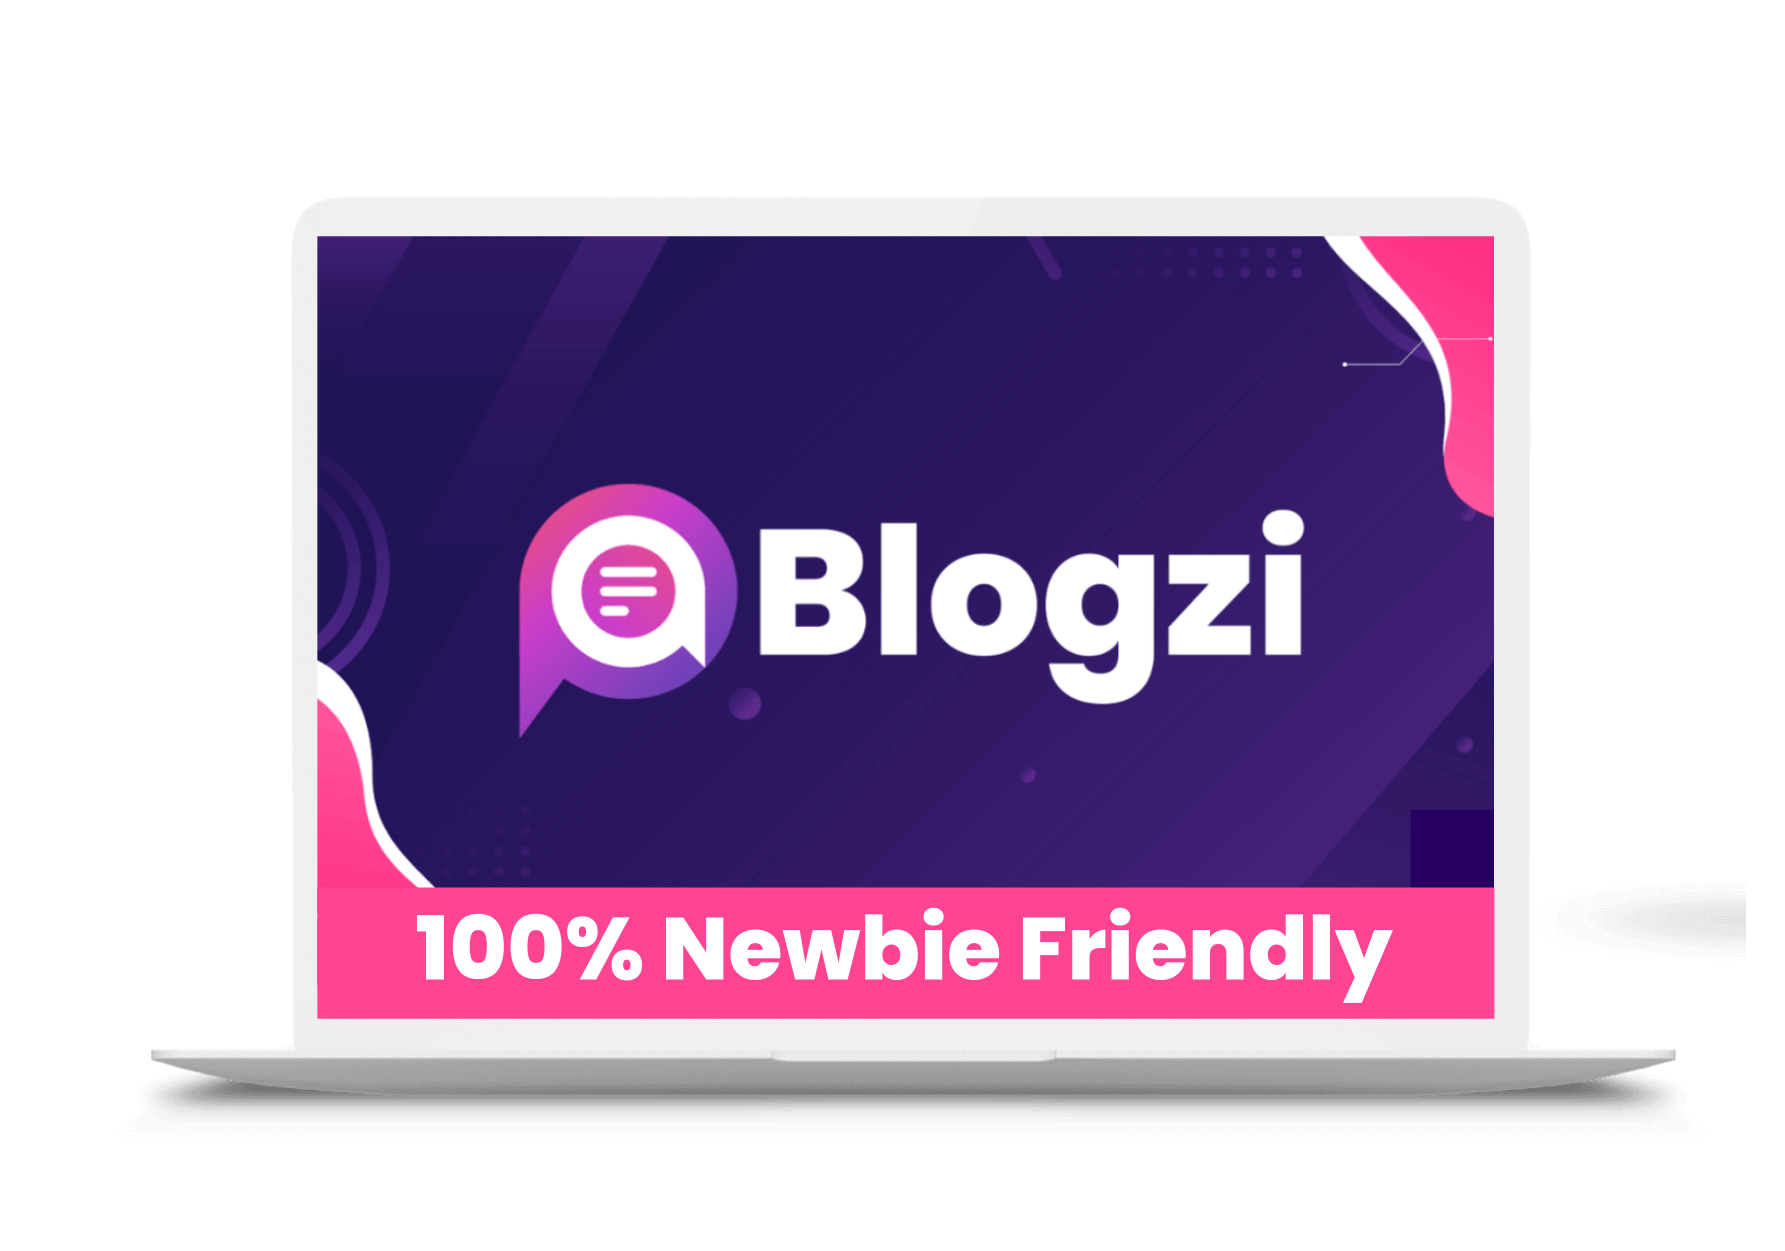 Blogzi-feature-10